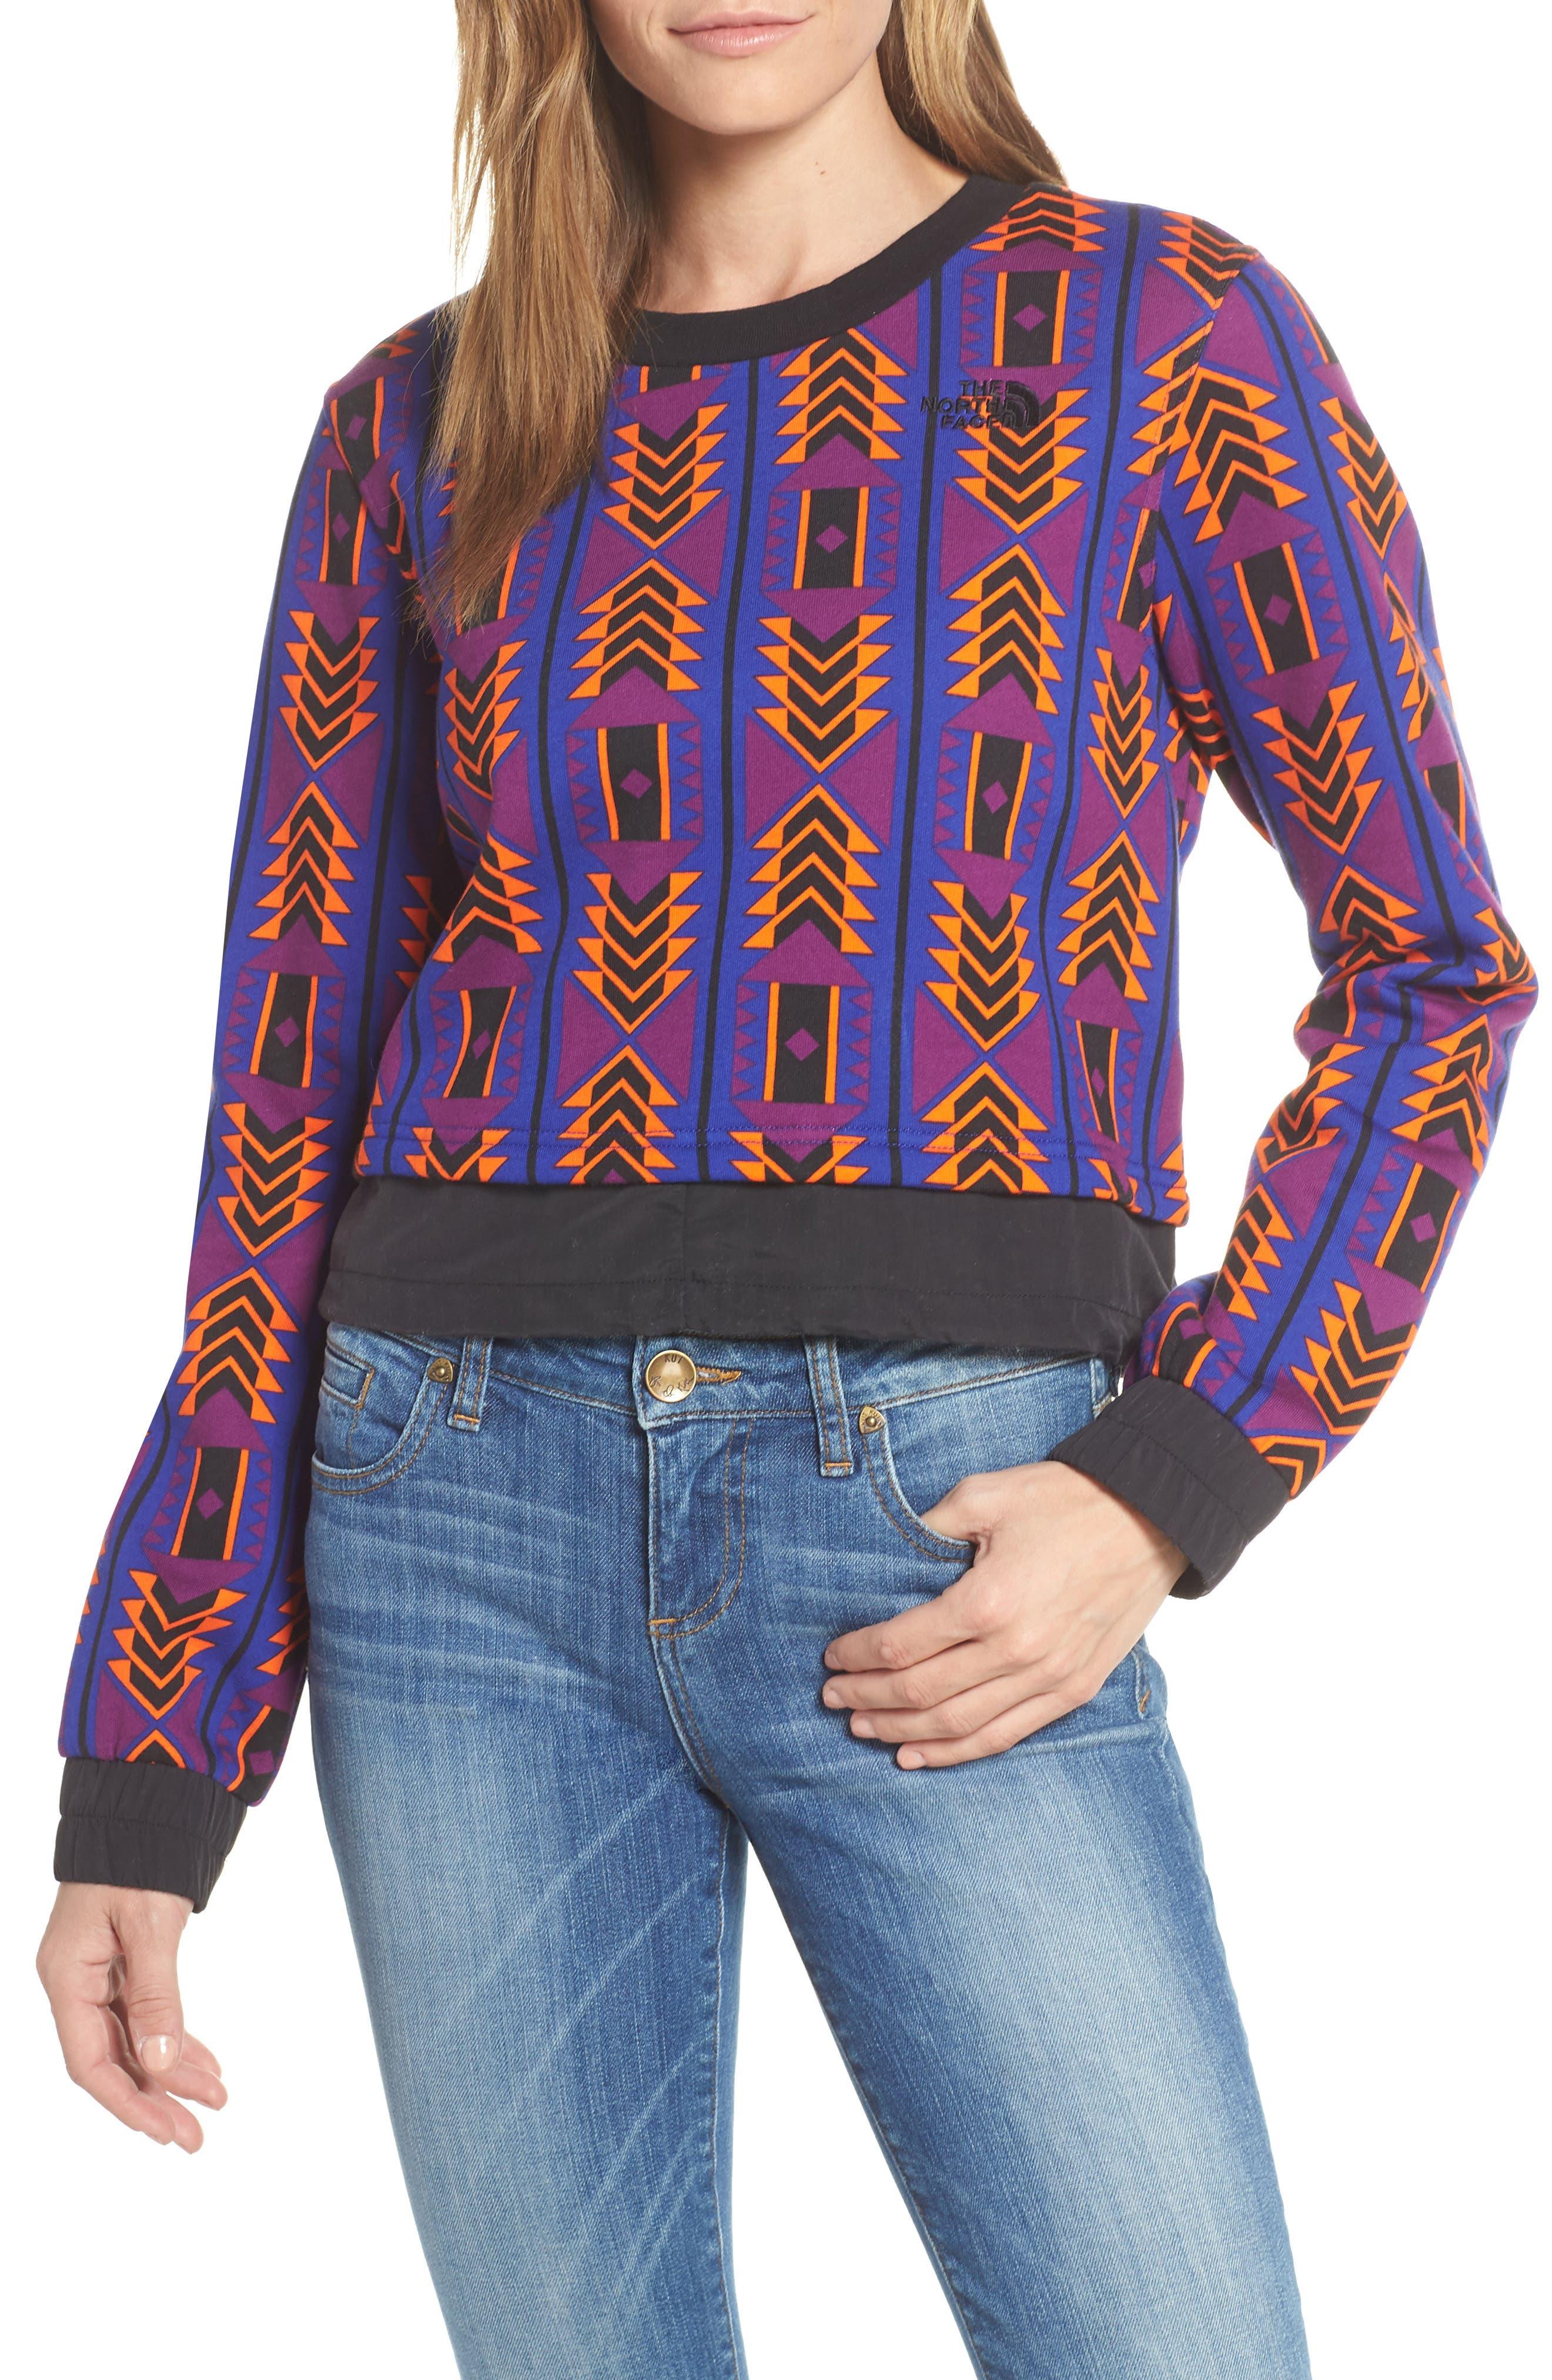 92 Rage Crop Fleece Sweatshirt, Main, color, AZTEC BLUE 1992 RAGE PRINT